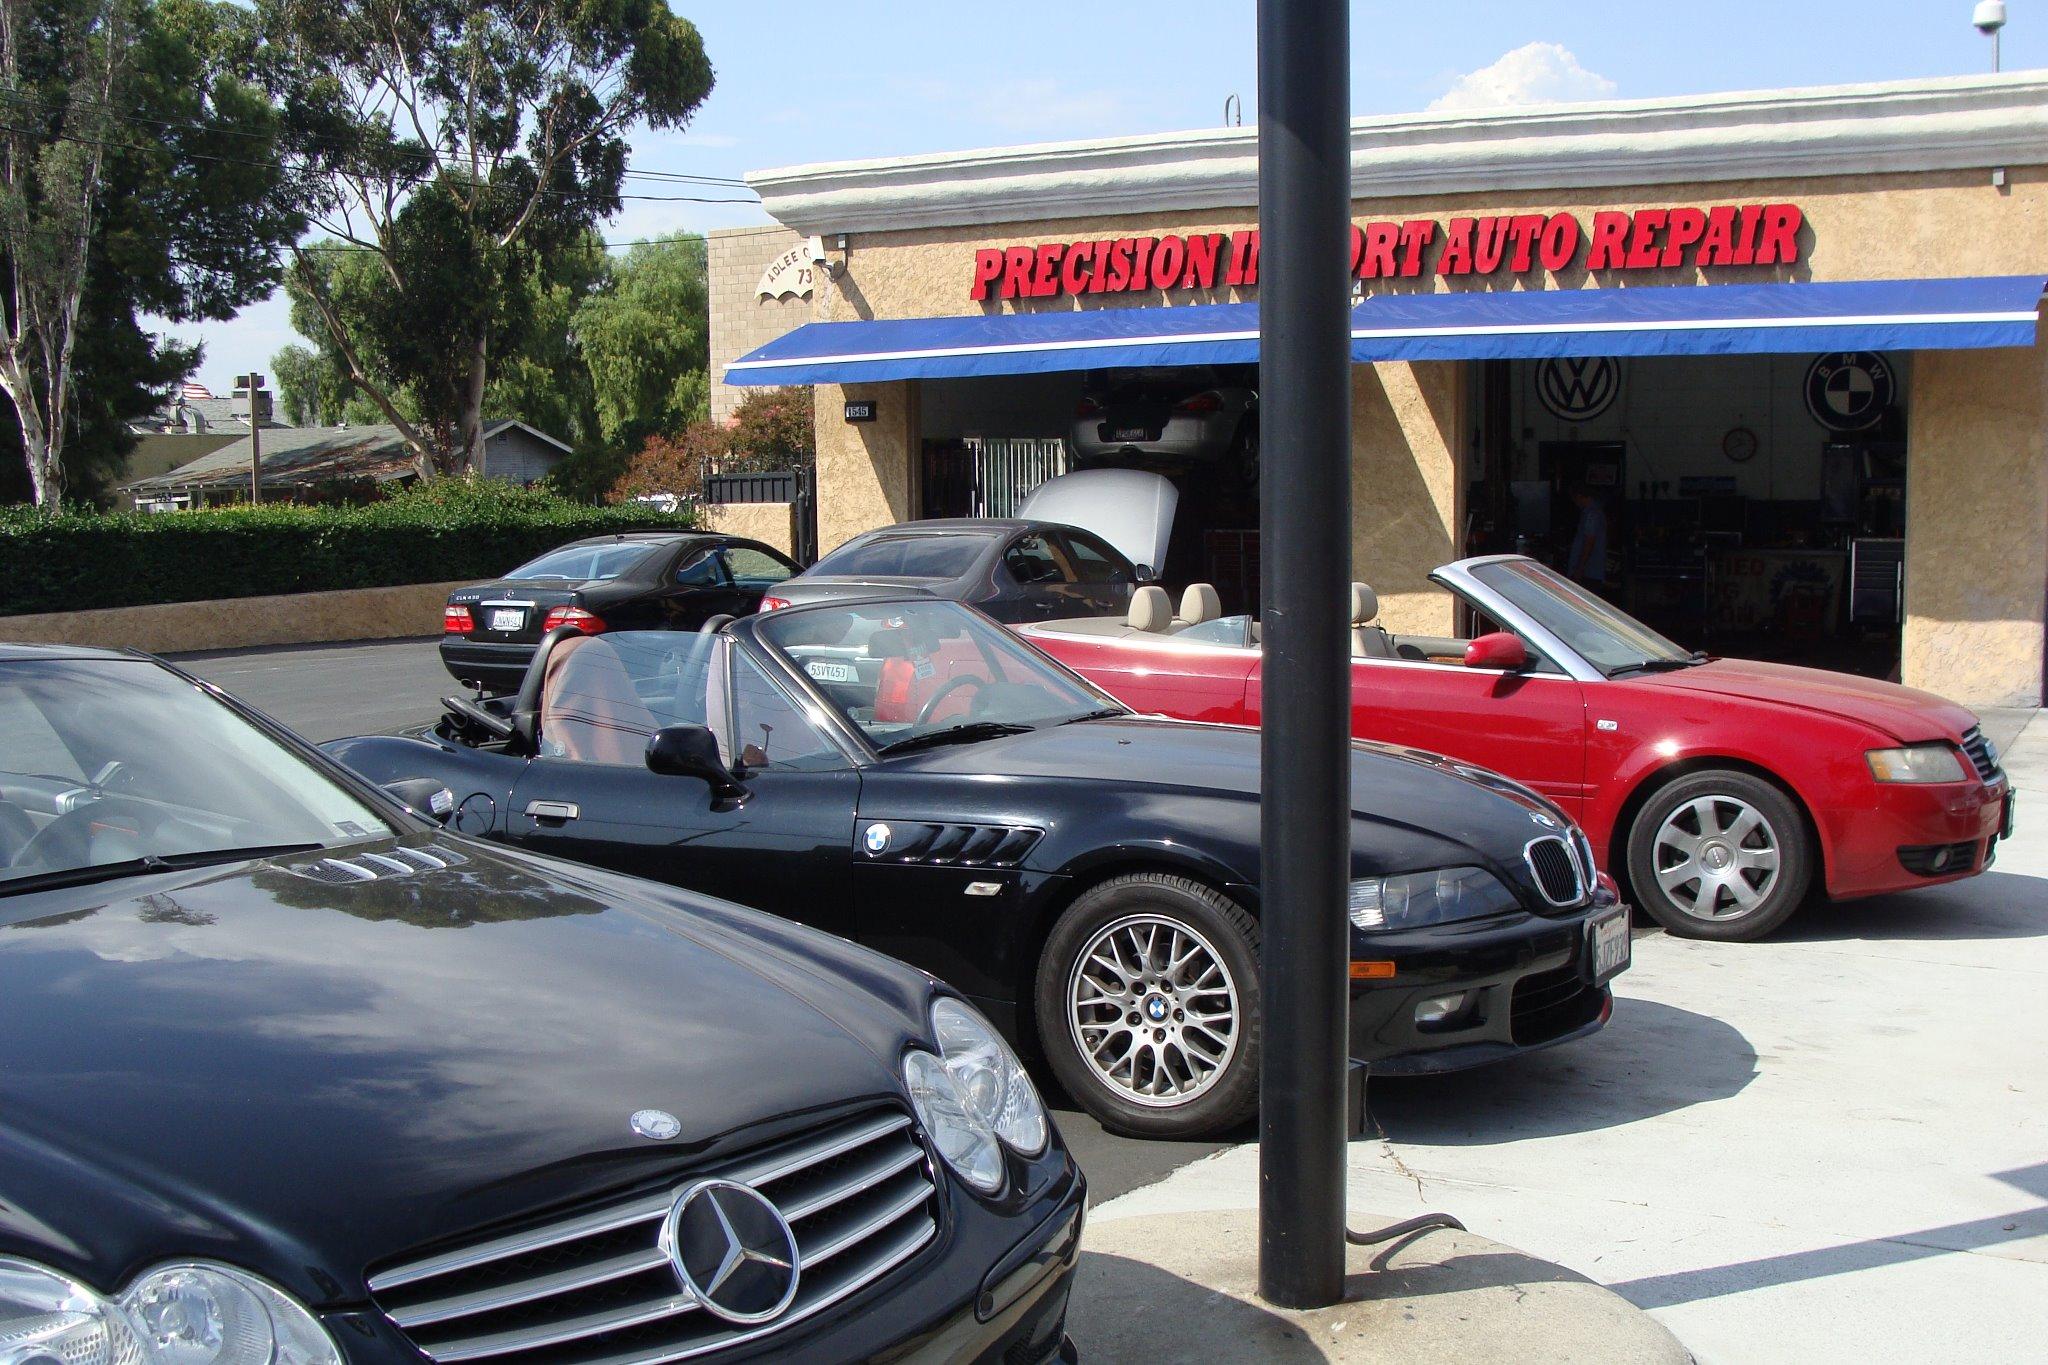 Precision Imports Auto Repairs